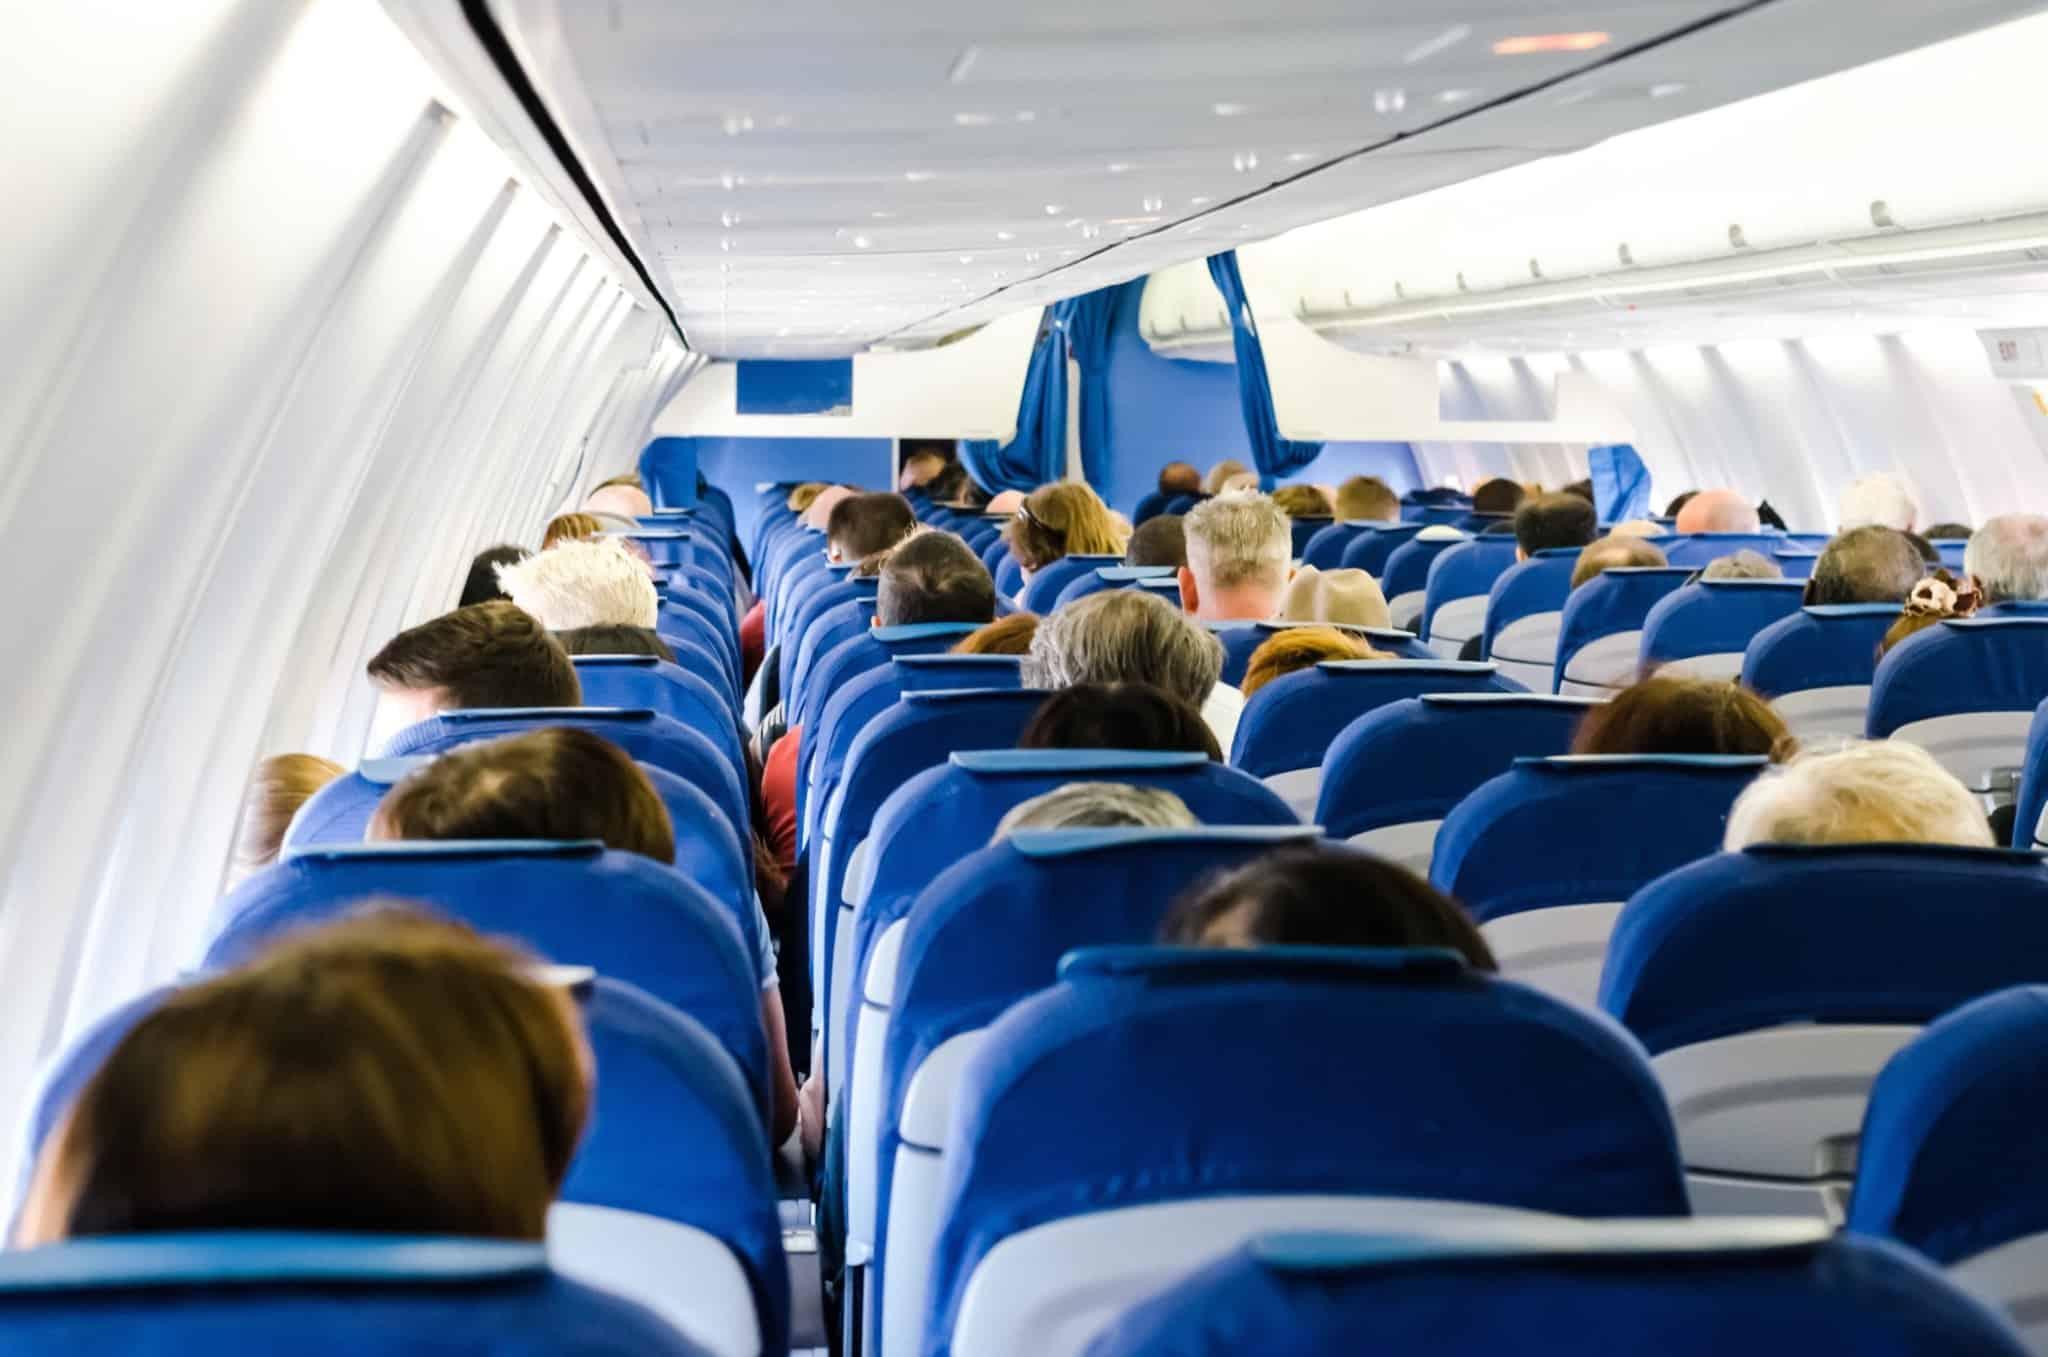 pessoas sentadas num avião com assentos azuis